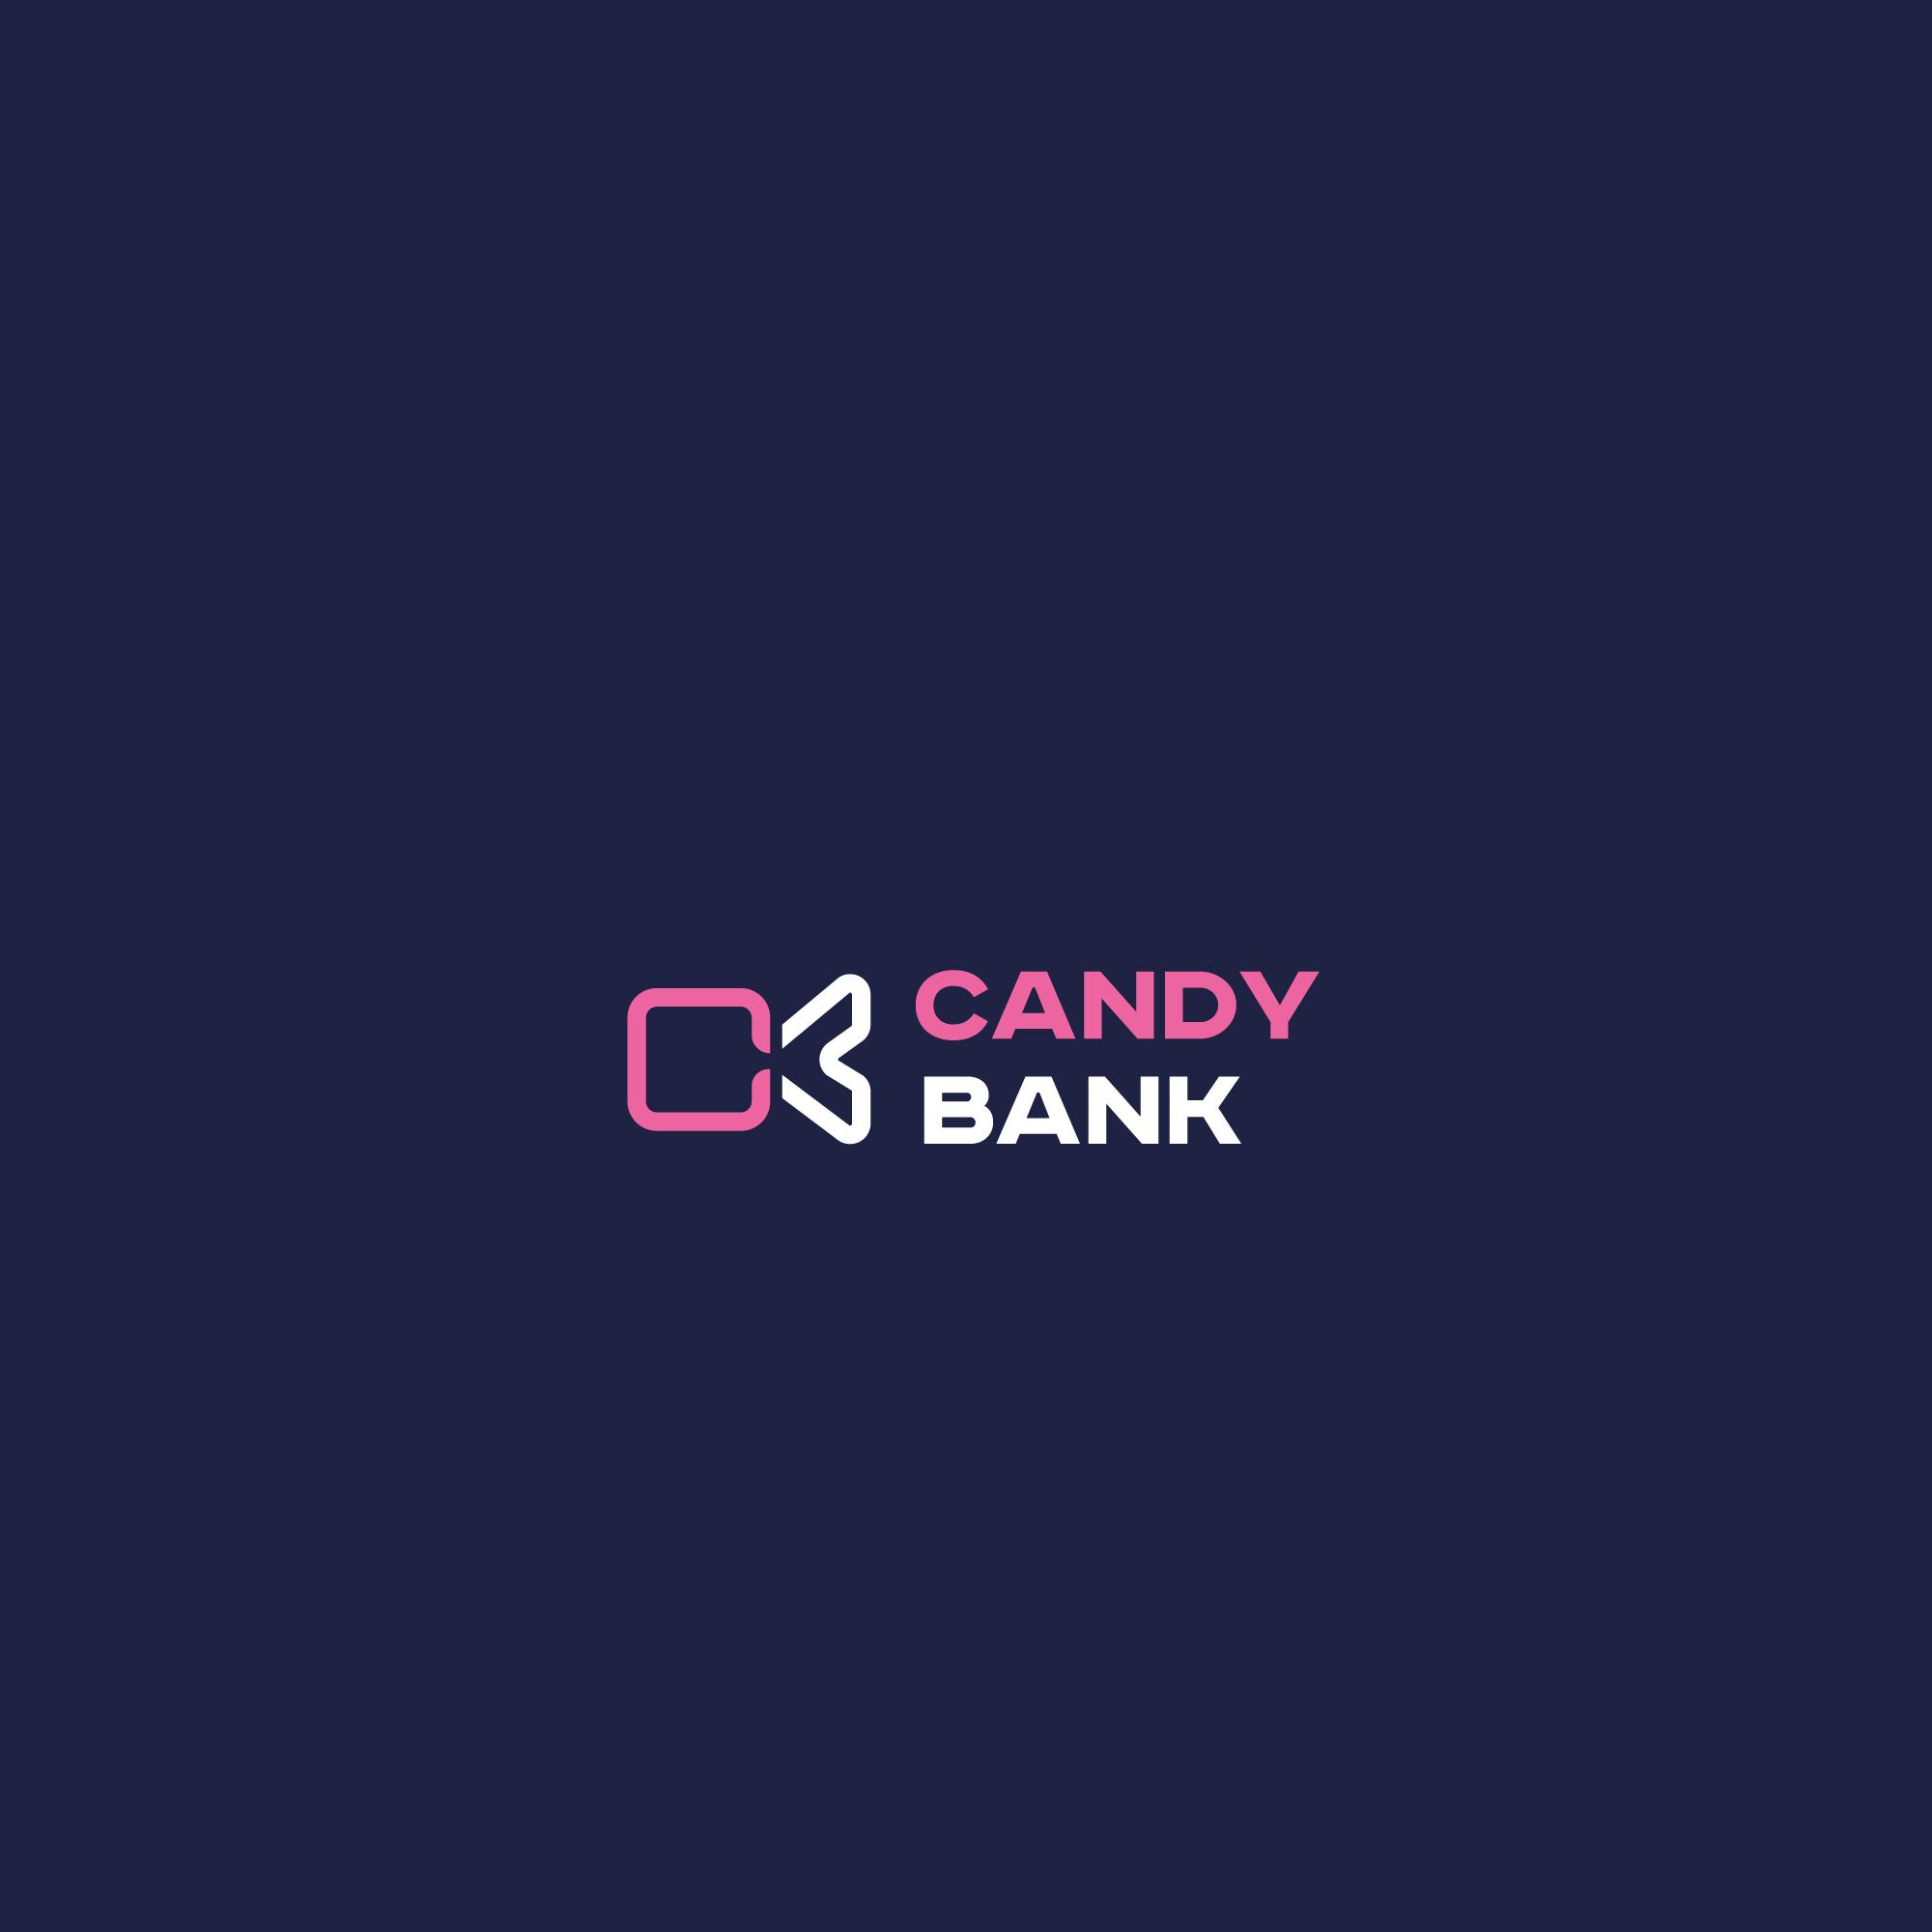 Логотип для международного банка фото f_7755d6d156086b76.jpg